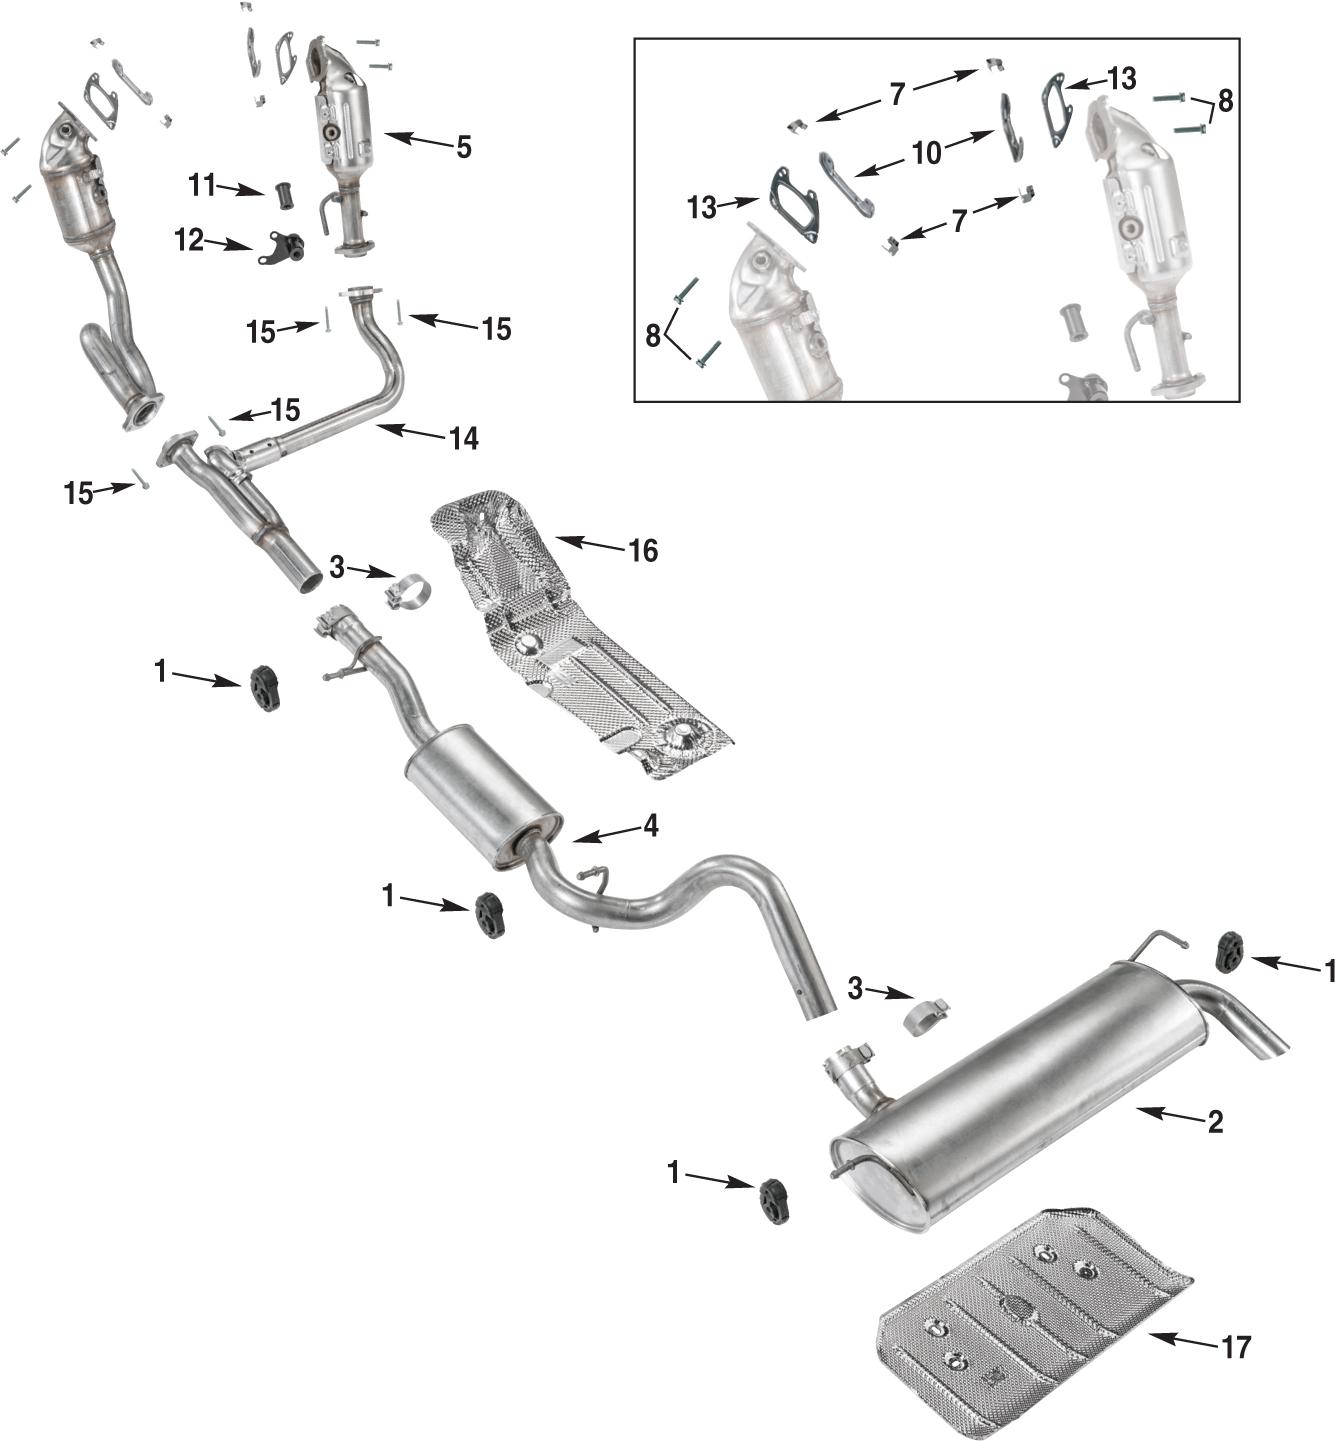 99 jeep wrangler exhaust diagram